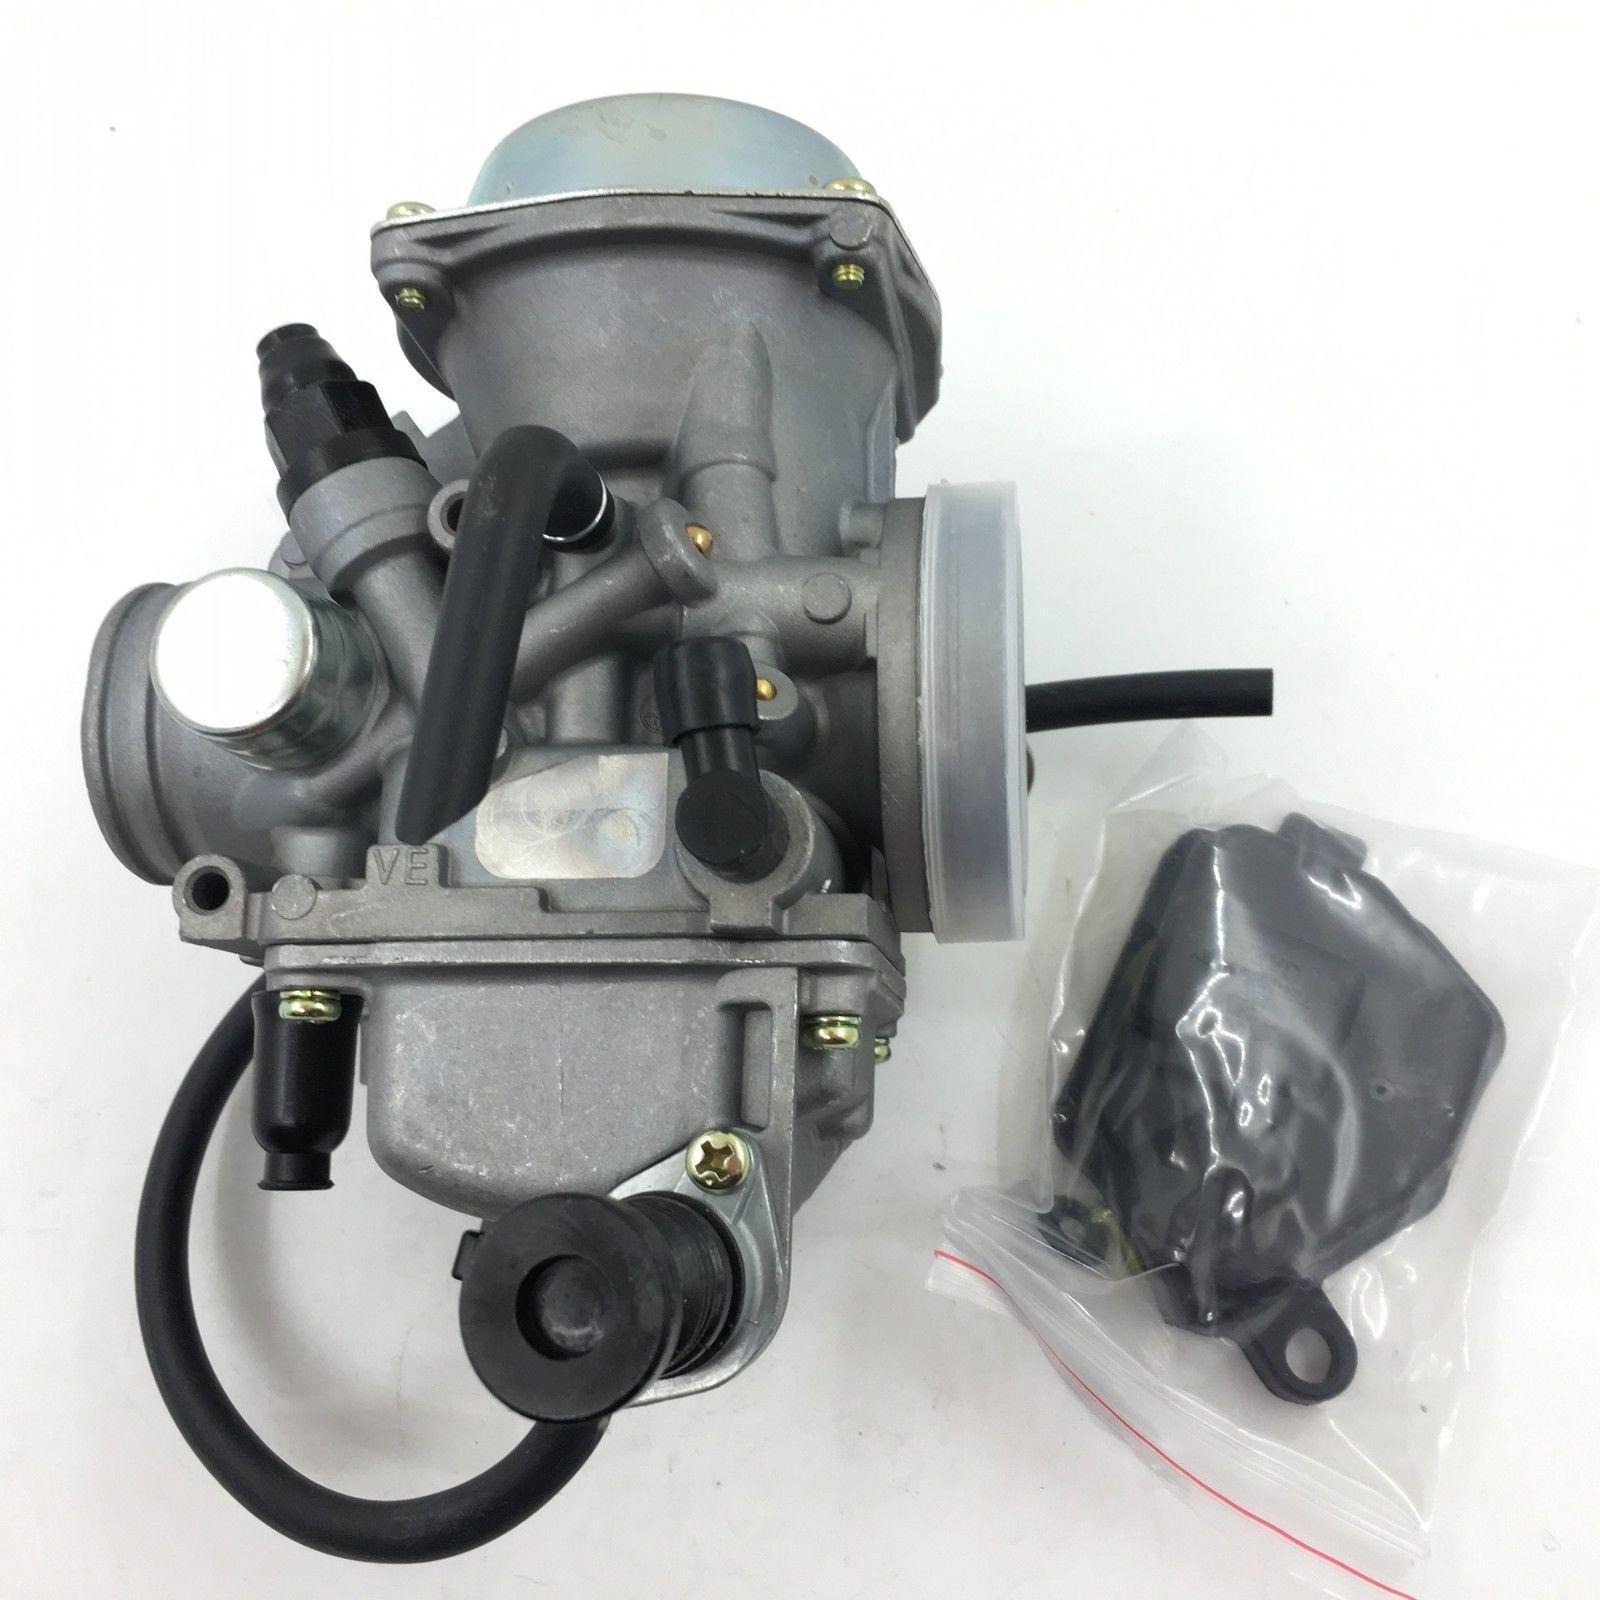 Karbüratör 300 Carb 1986 1987 1988-1995 Kawasaki ATV KLF300 Bayou için uygun Carby